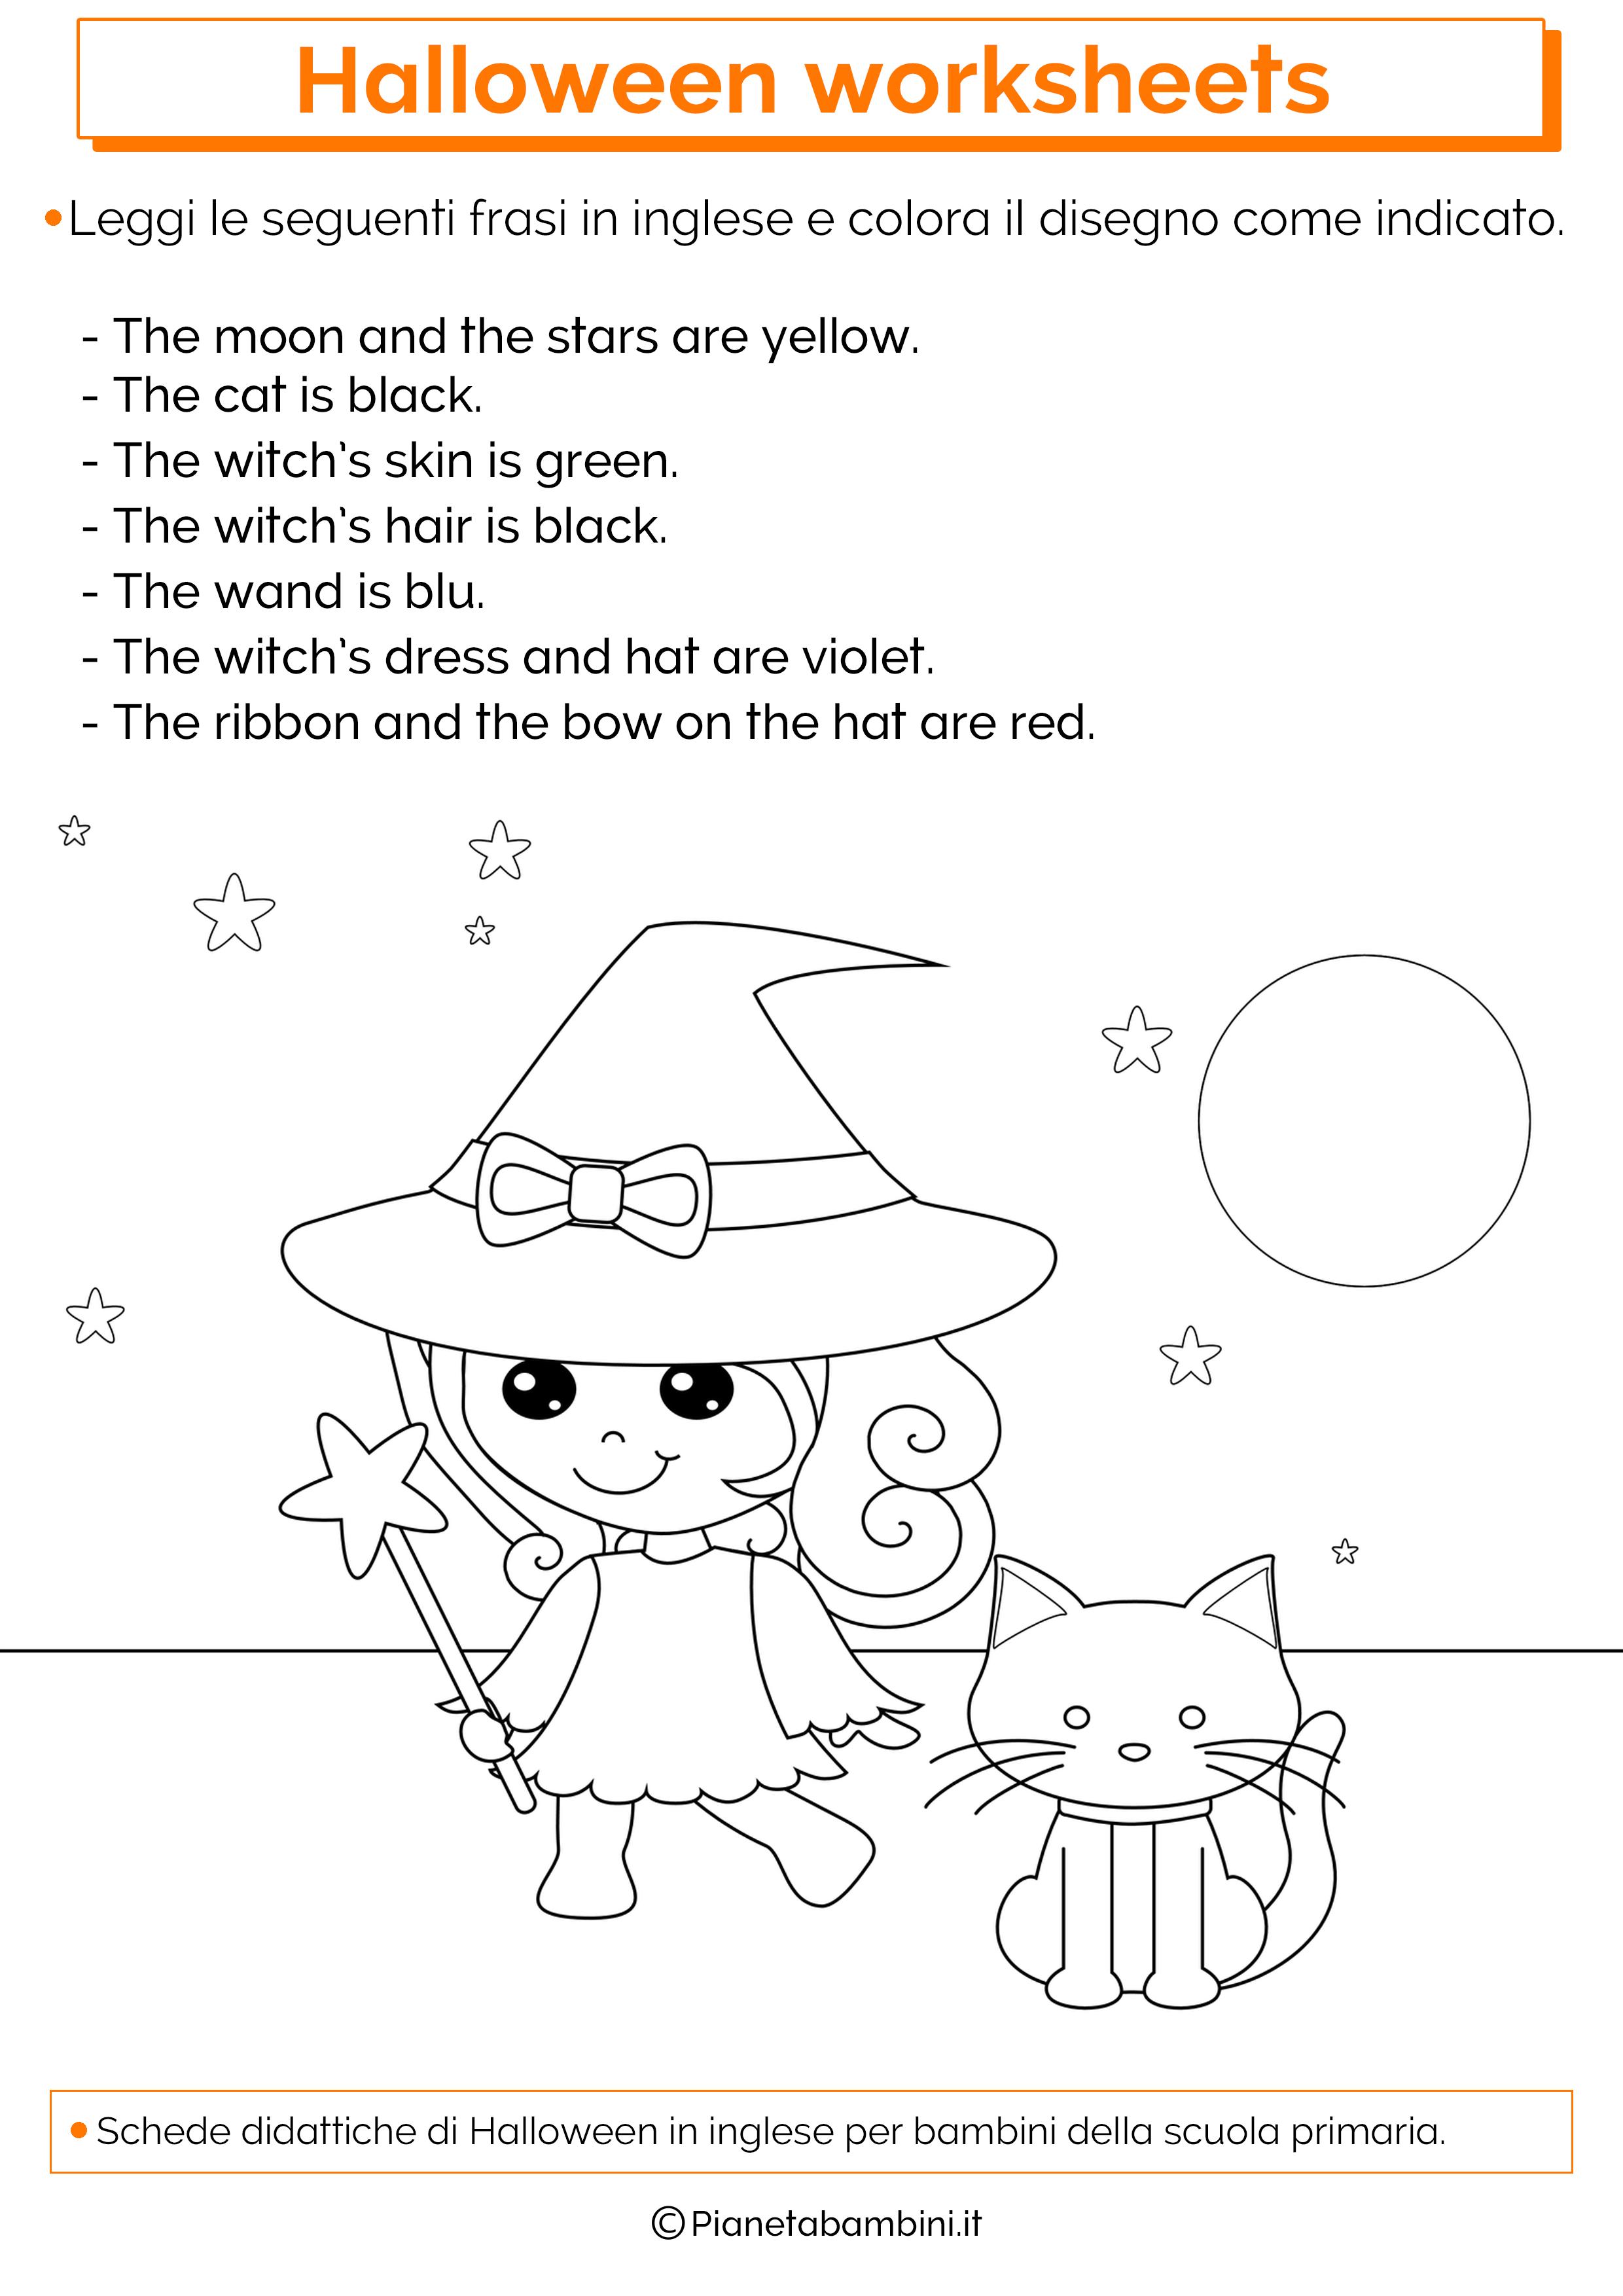 schede-didattiche-halloween-inglese-4